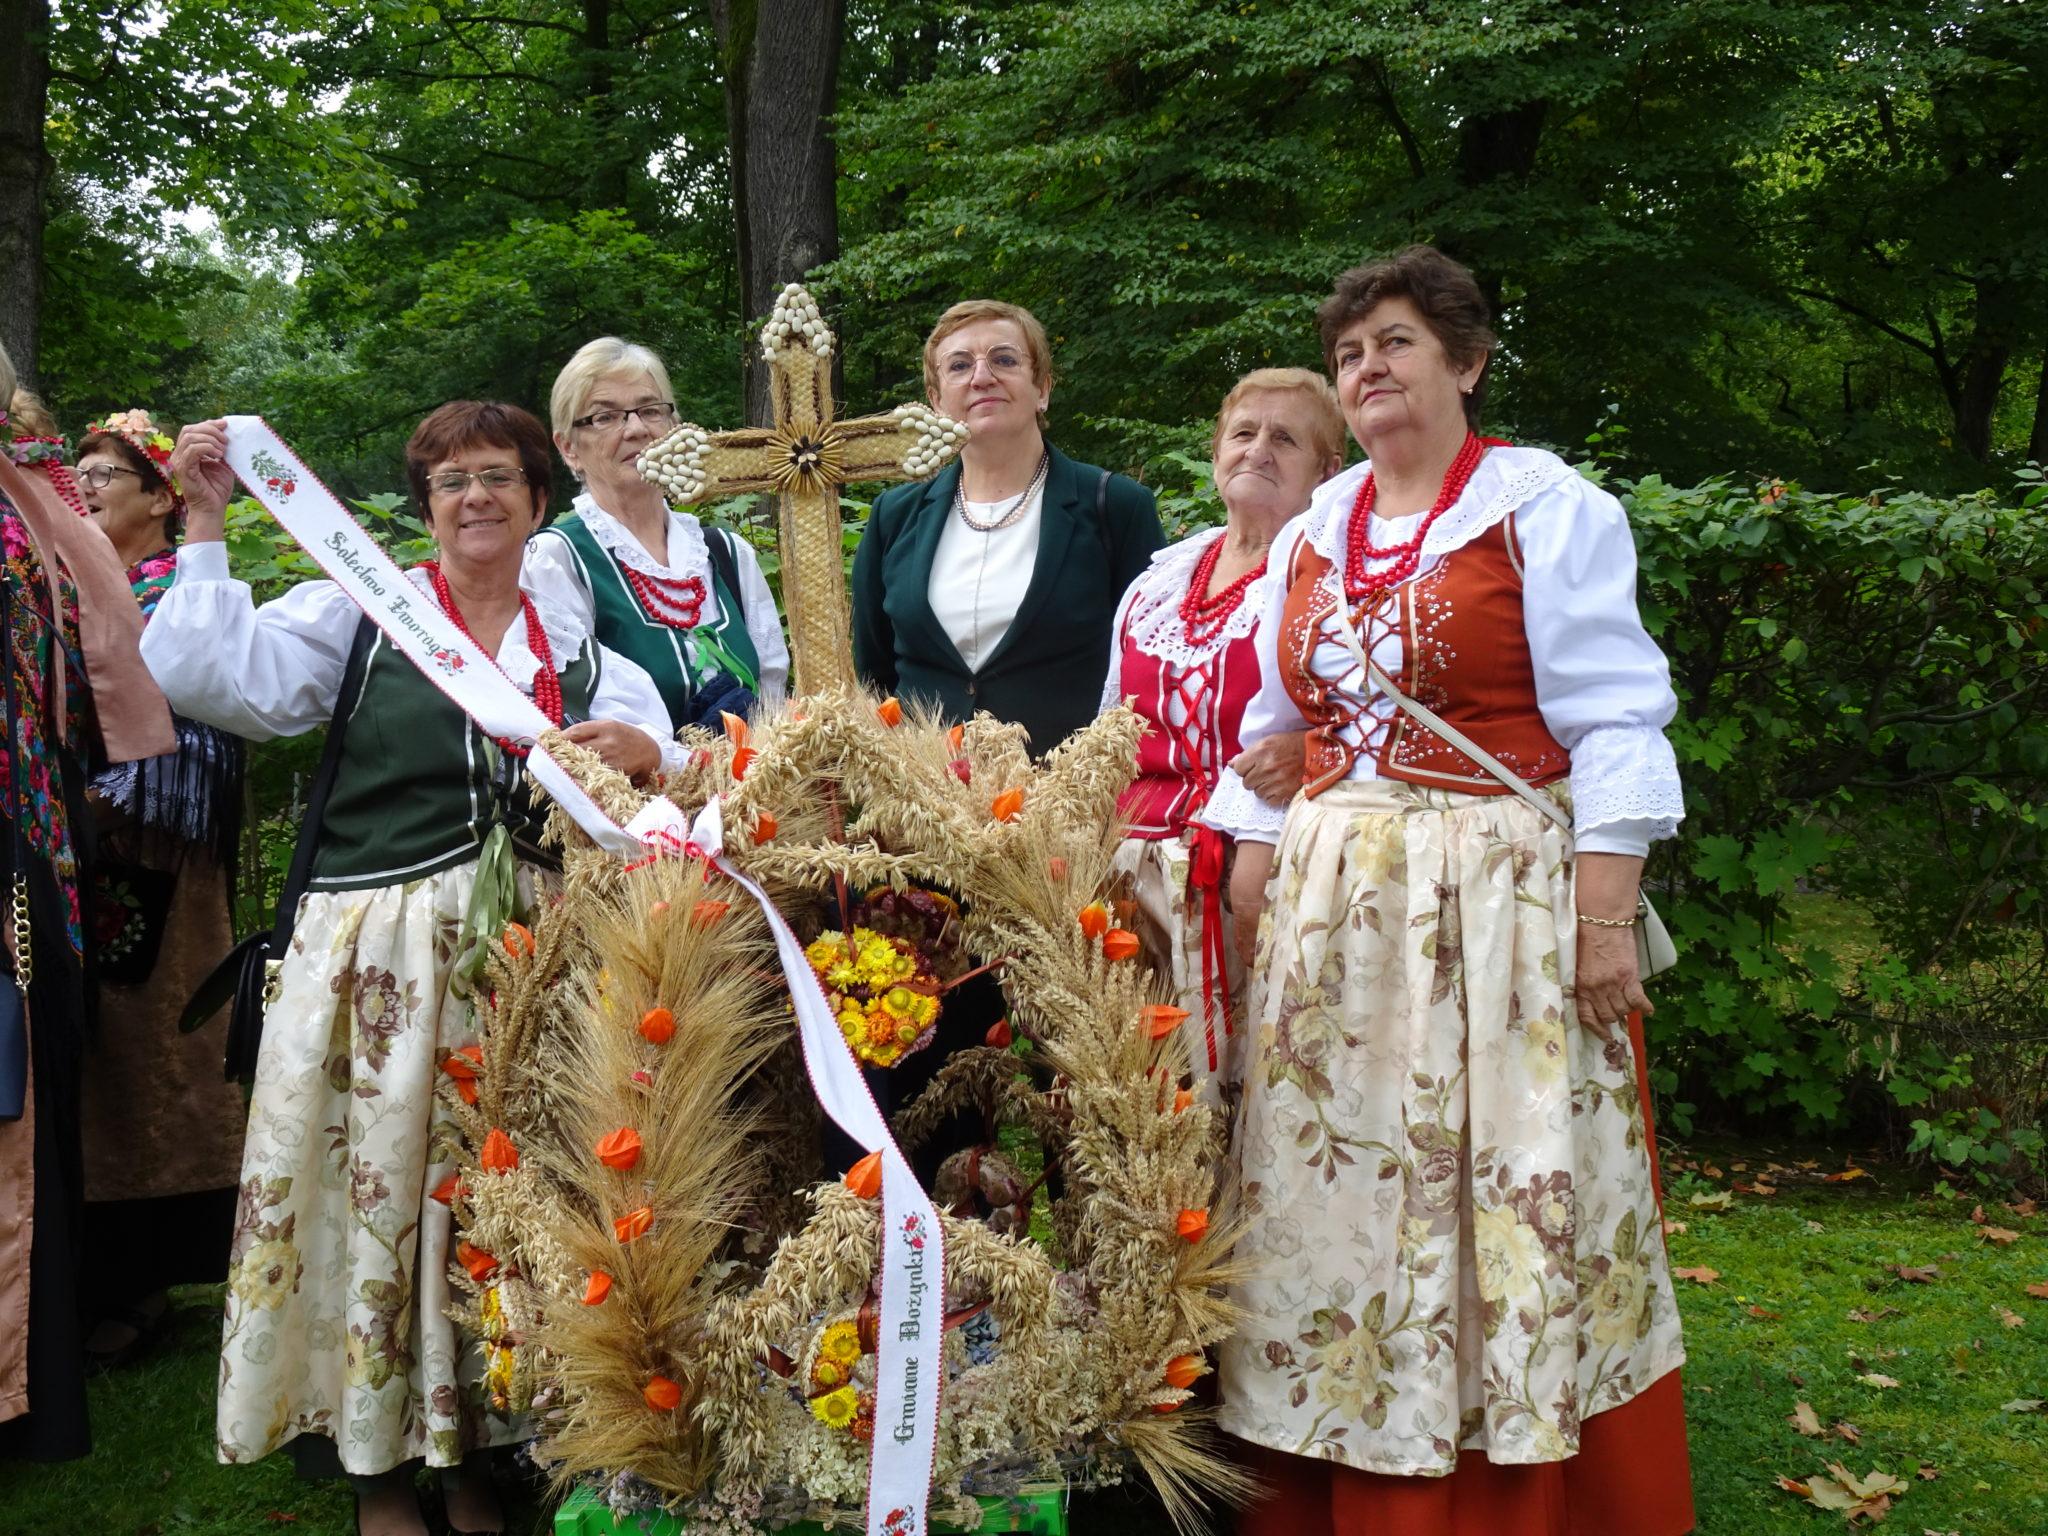 Starosta Krystyna KOsmala wraz z kilkoma paniami ubranymi w stroje ludowe prezentują koronę dożynkową